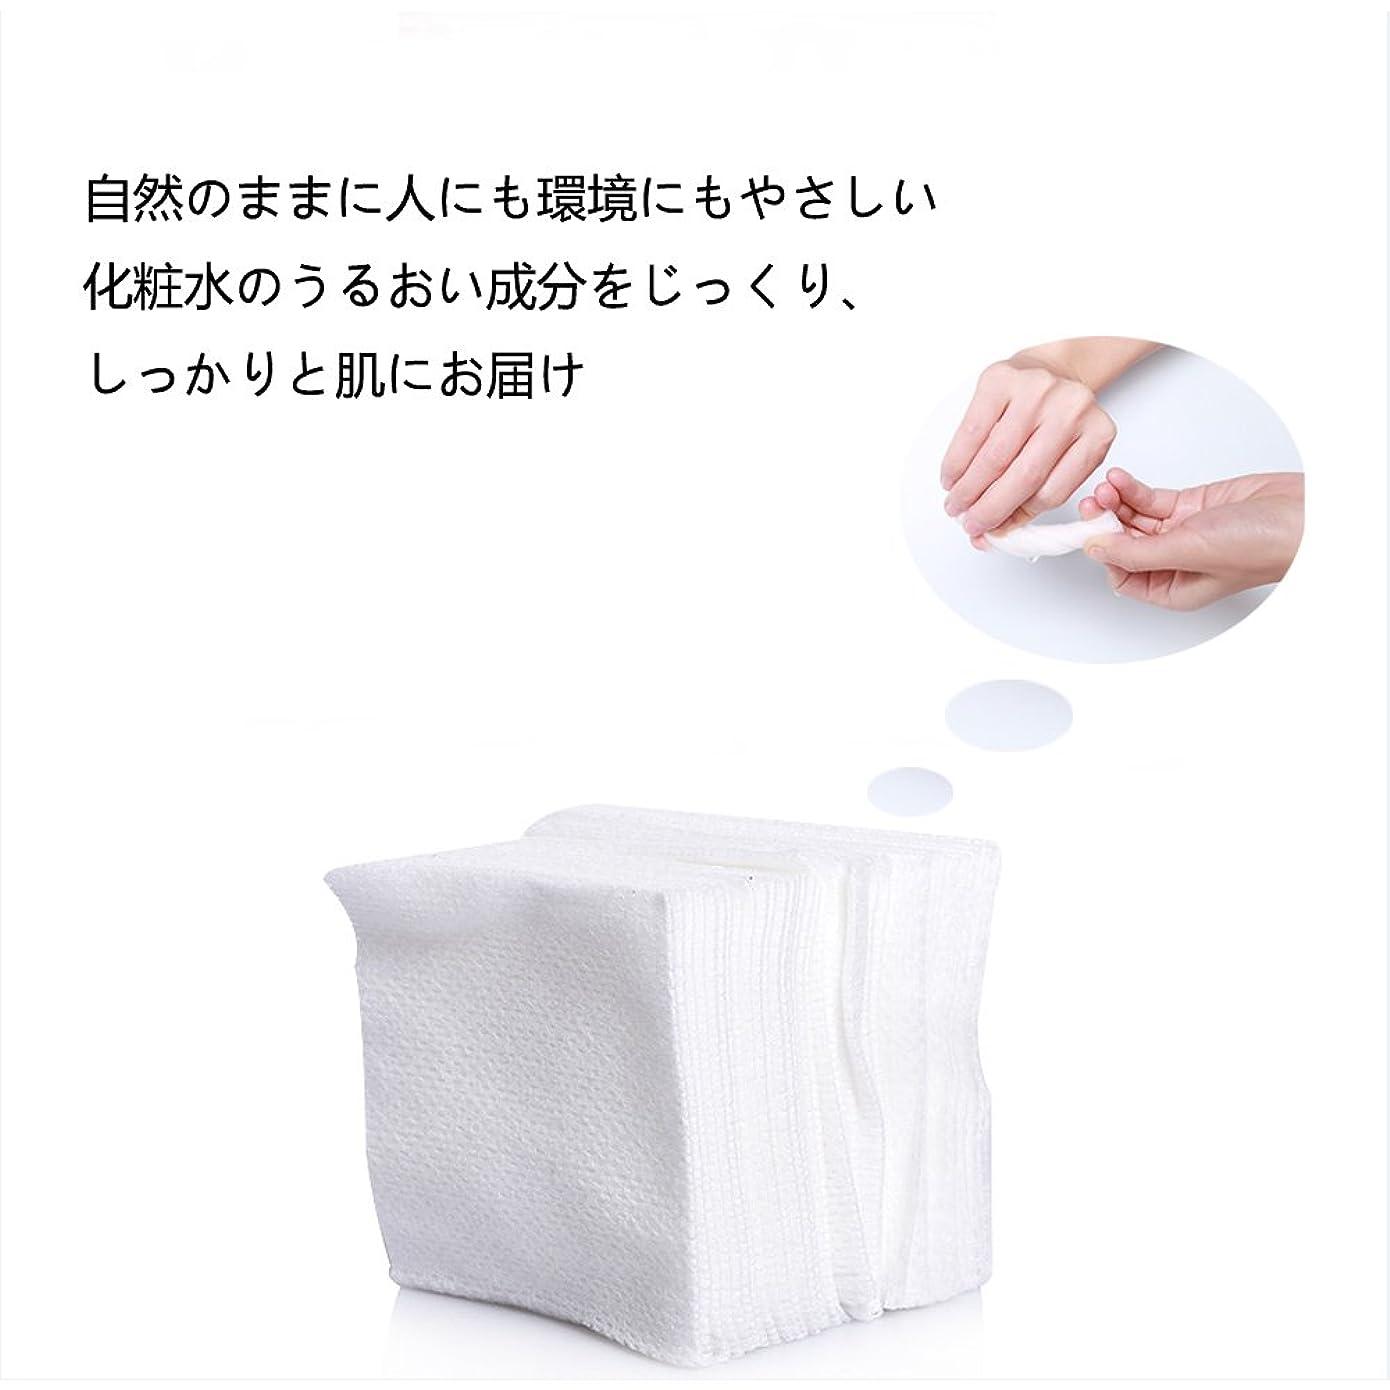 リング同意する困惑したコットンパフ 化粧用コットン 敏感肌 顔拭きシート メイクアップ コットン 100枚入